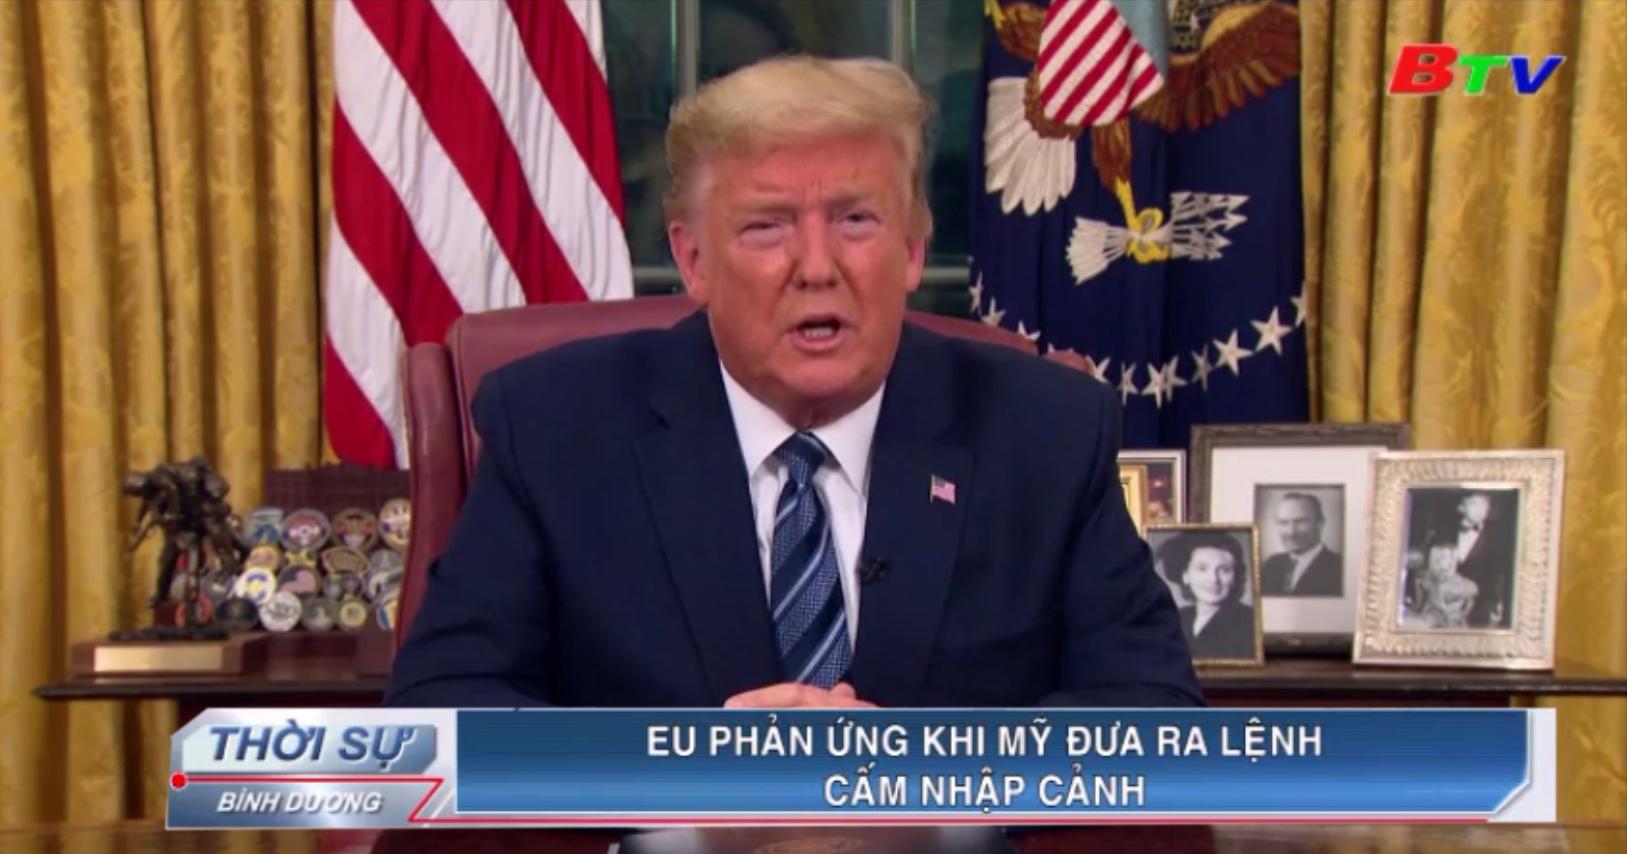 EU phản ứng khi Mỹ đưa ra lệnh cấm nhập cảnh